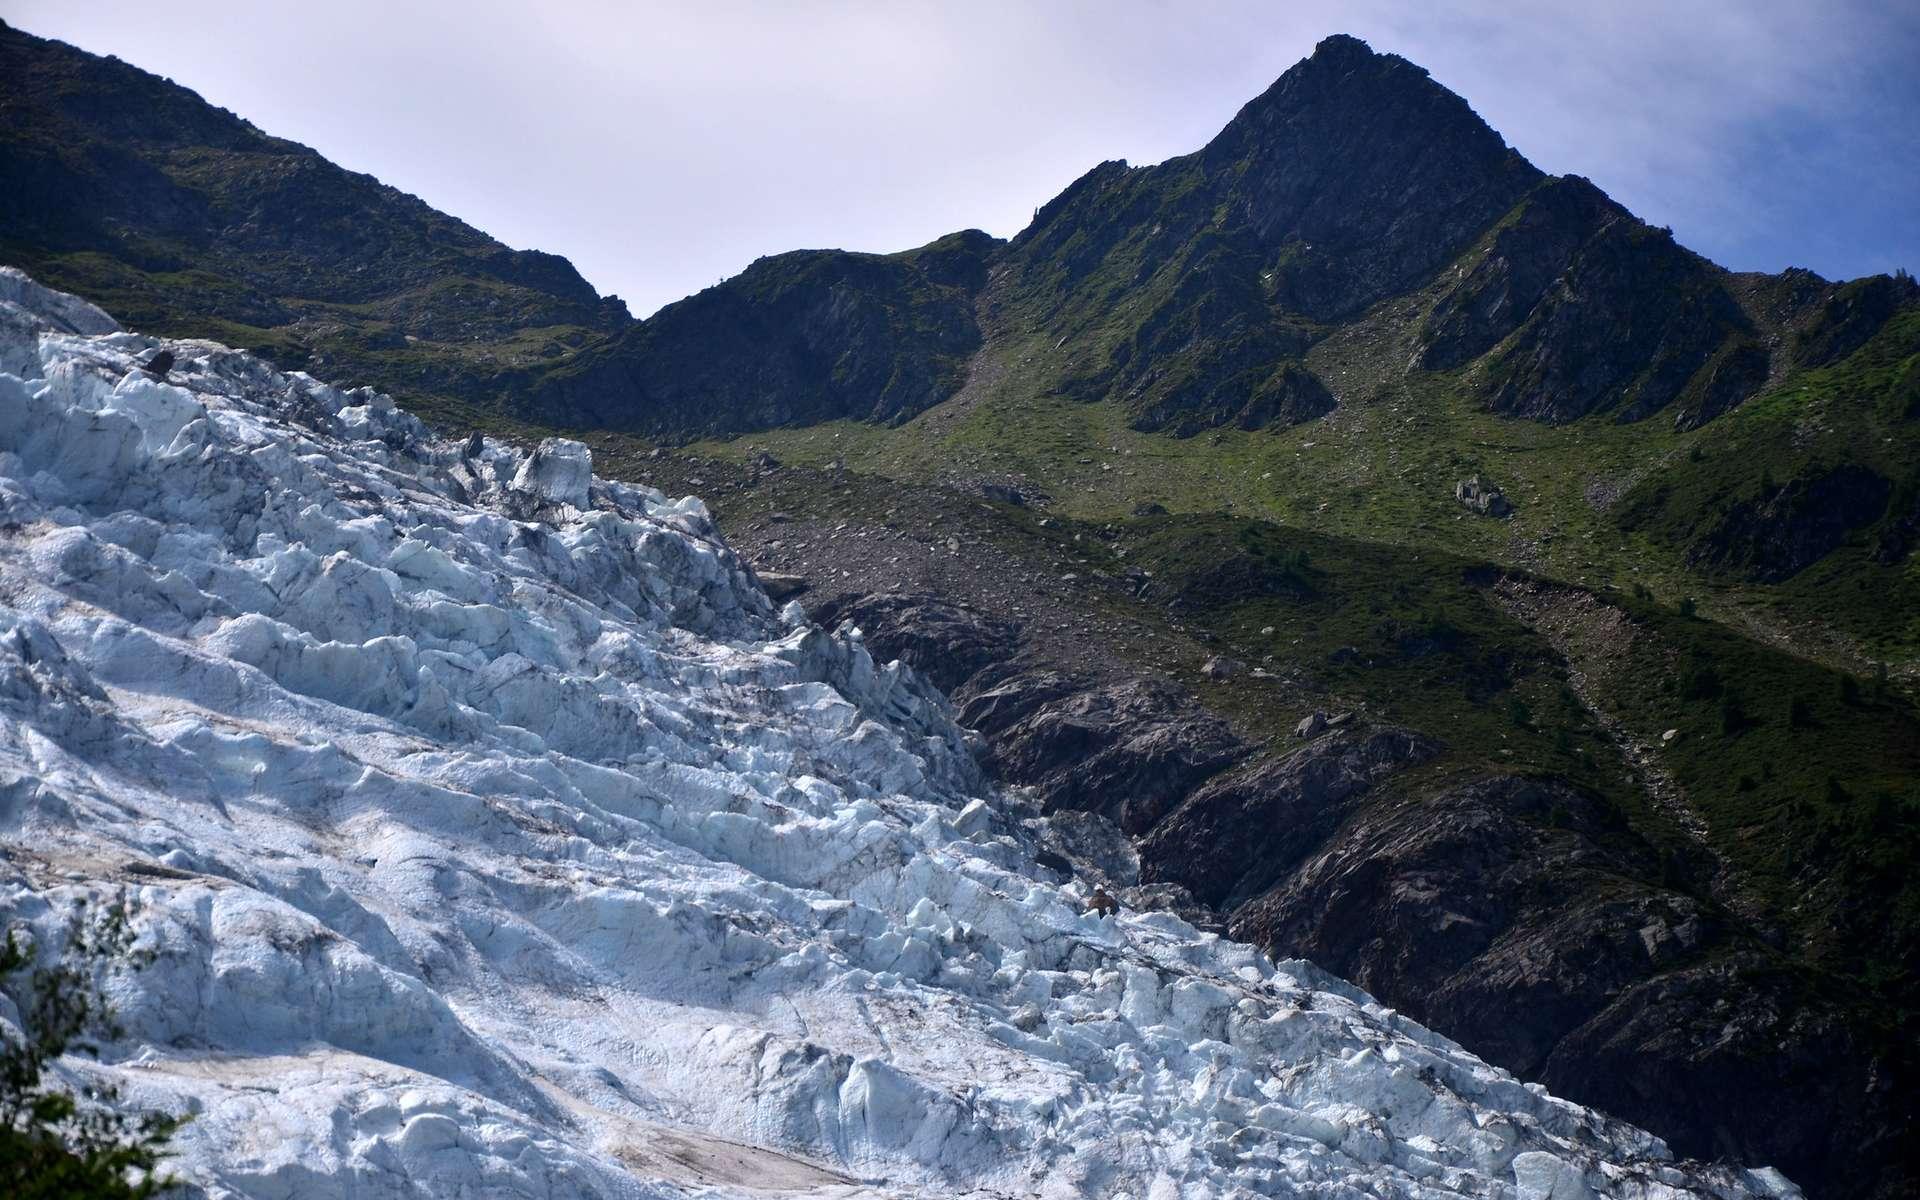 Une moraine est une accumulation de débris rocheux issus d'un glacier. © Tony Fernandez, Flickr